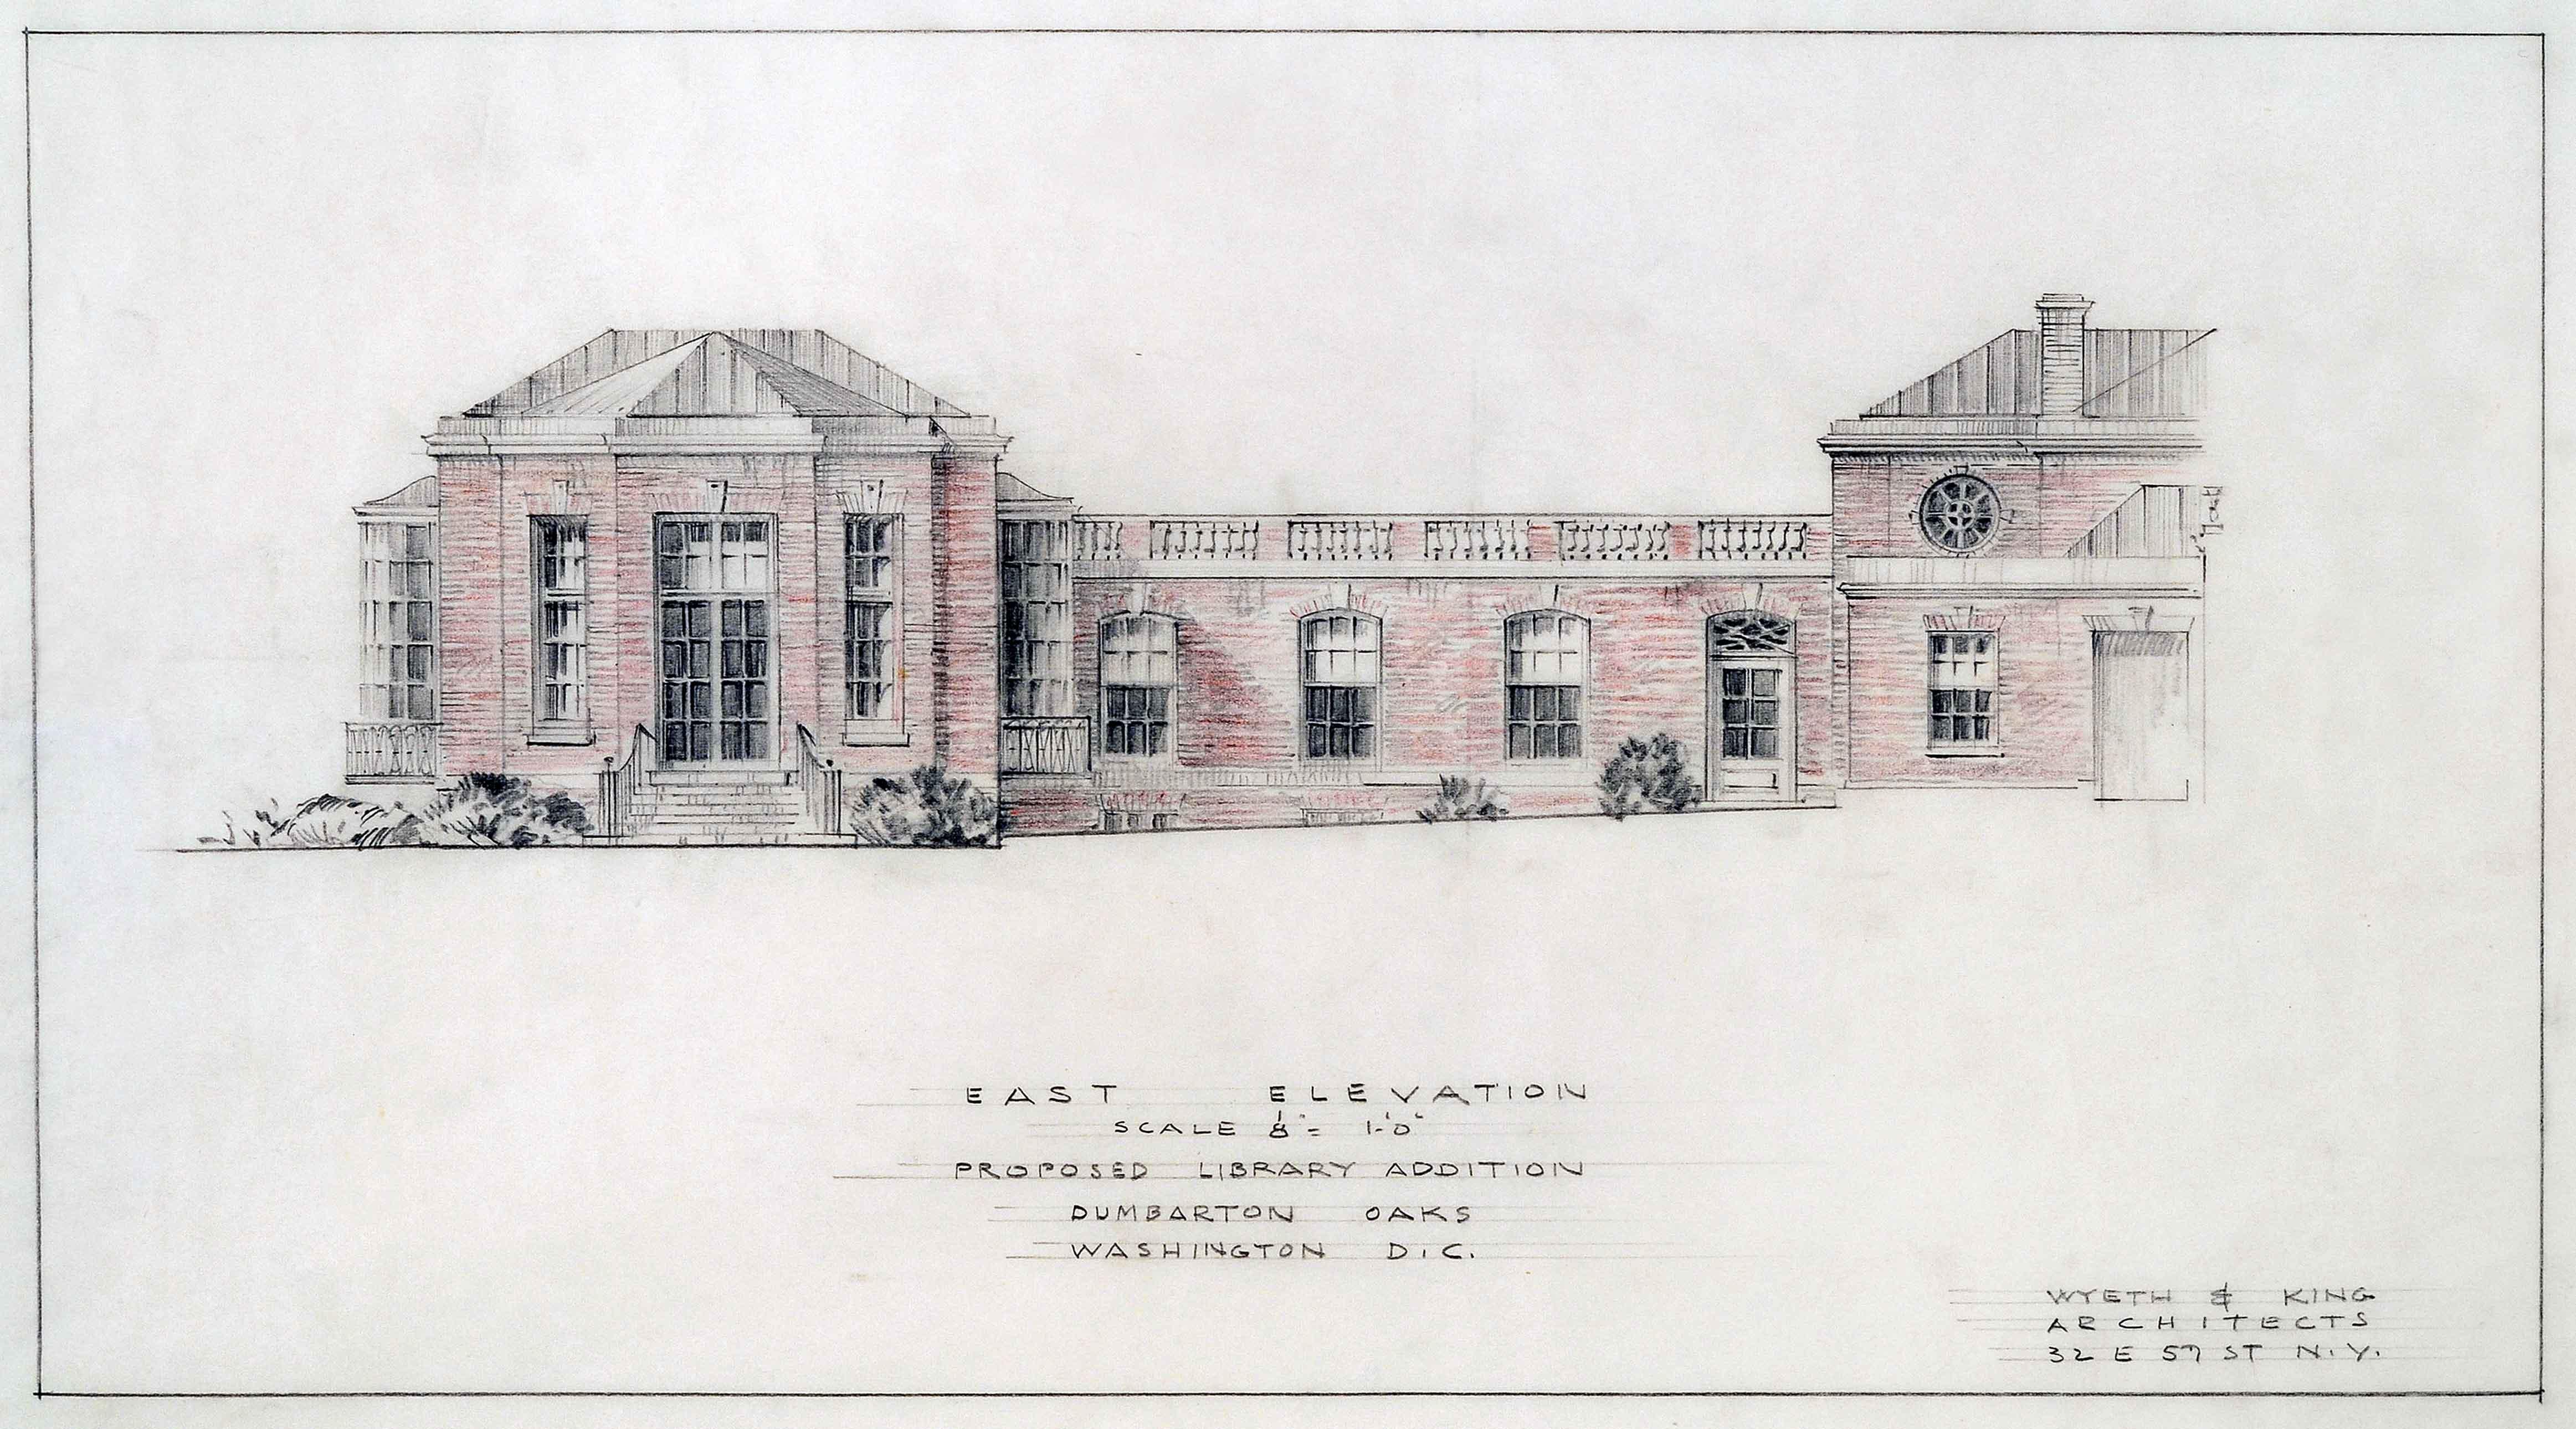 Frederic Rhinelander King, East Elevation. Dumbarton Oaks Archives, AR.AD.MW.GL.001